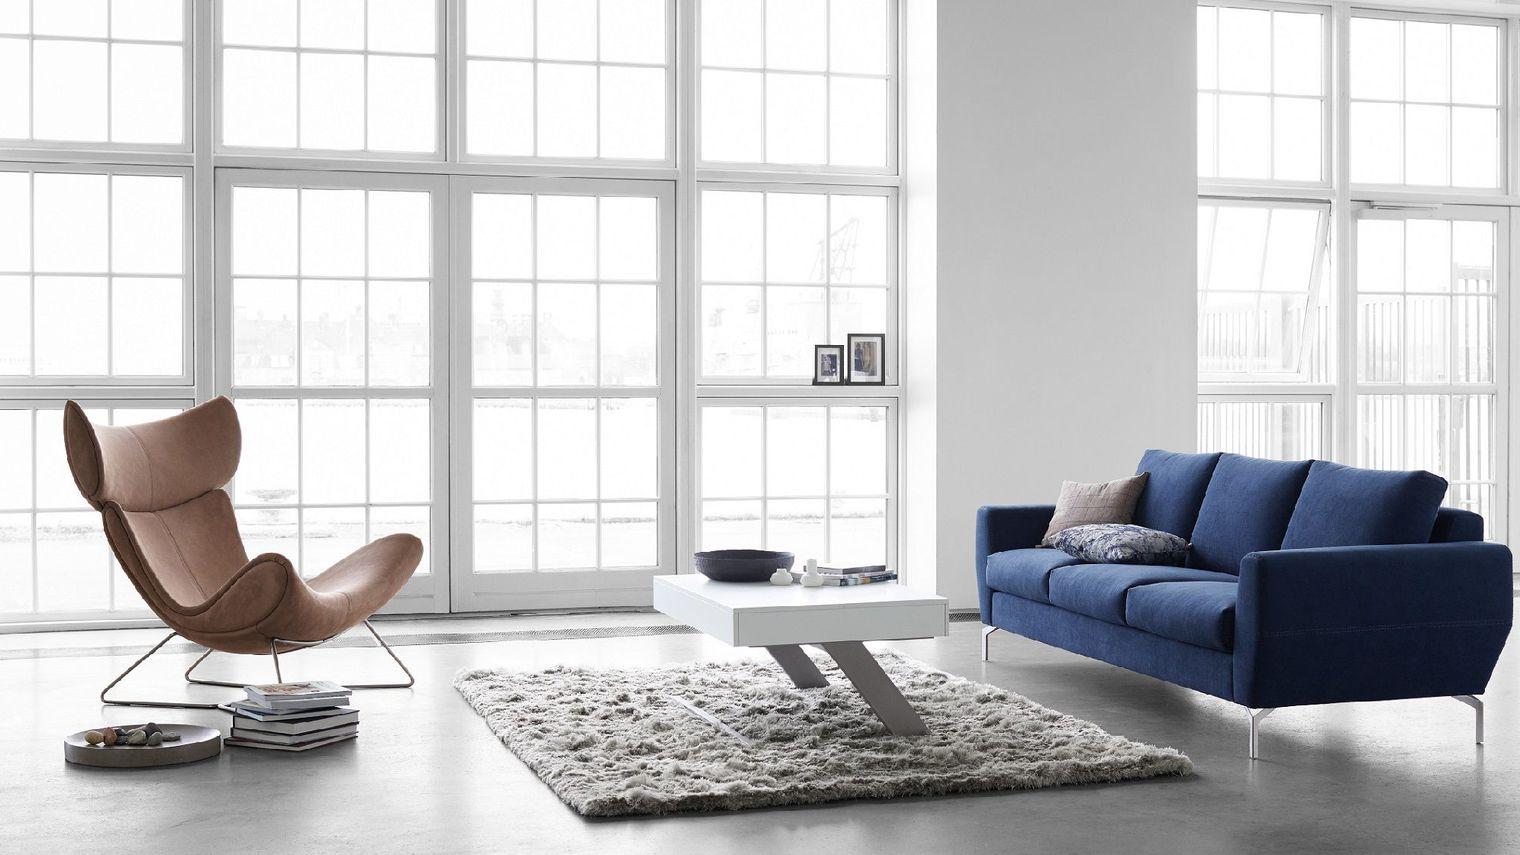 boconcept poss de plusieurs produits tels que les tables et les tapis. Black Bedroom Furniture Sets. Home Design Ideas